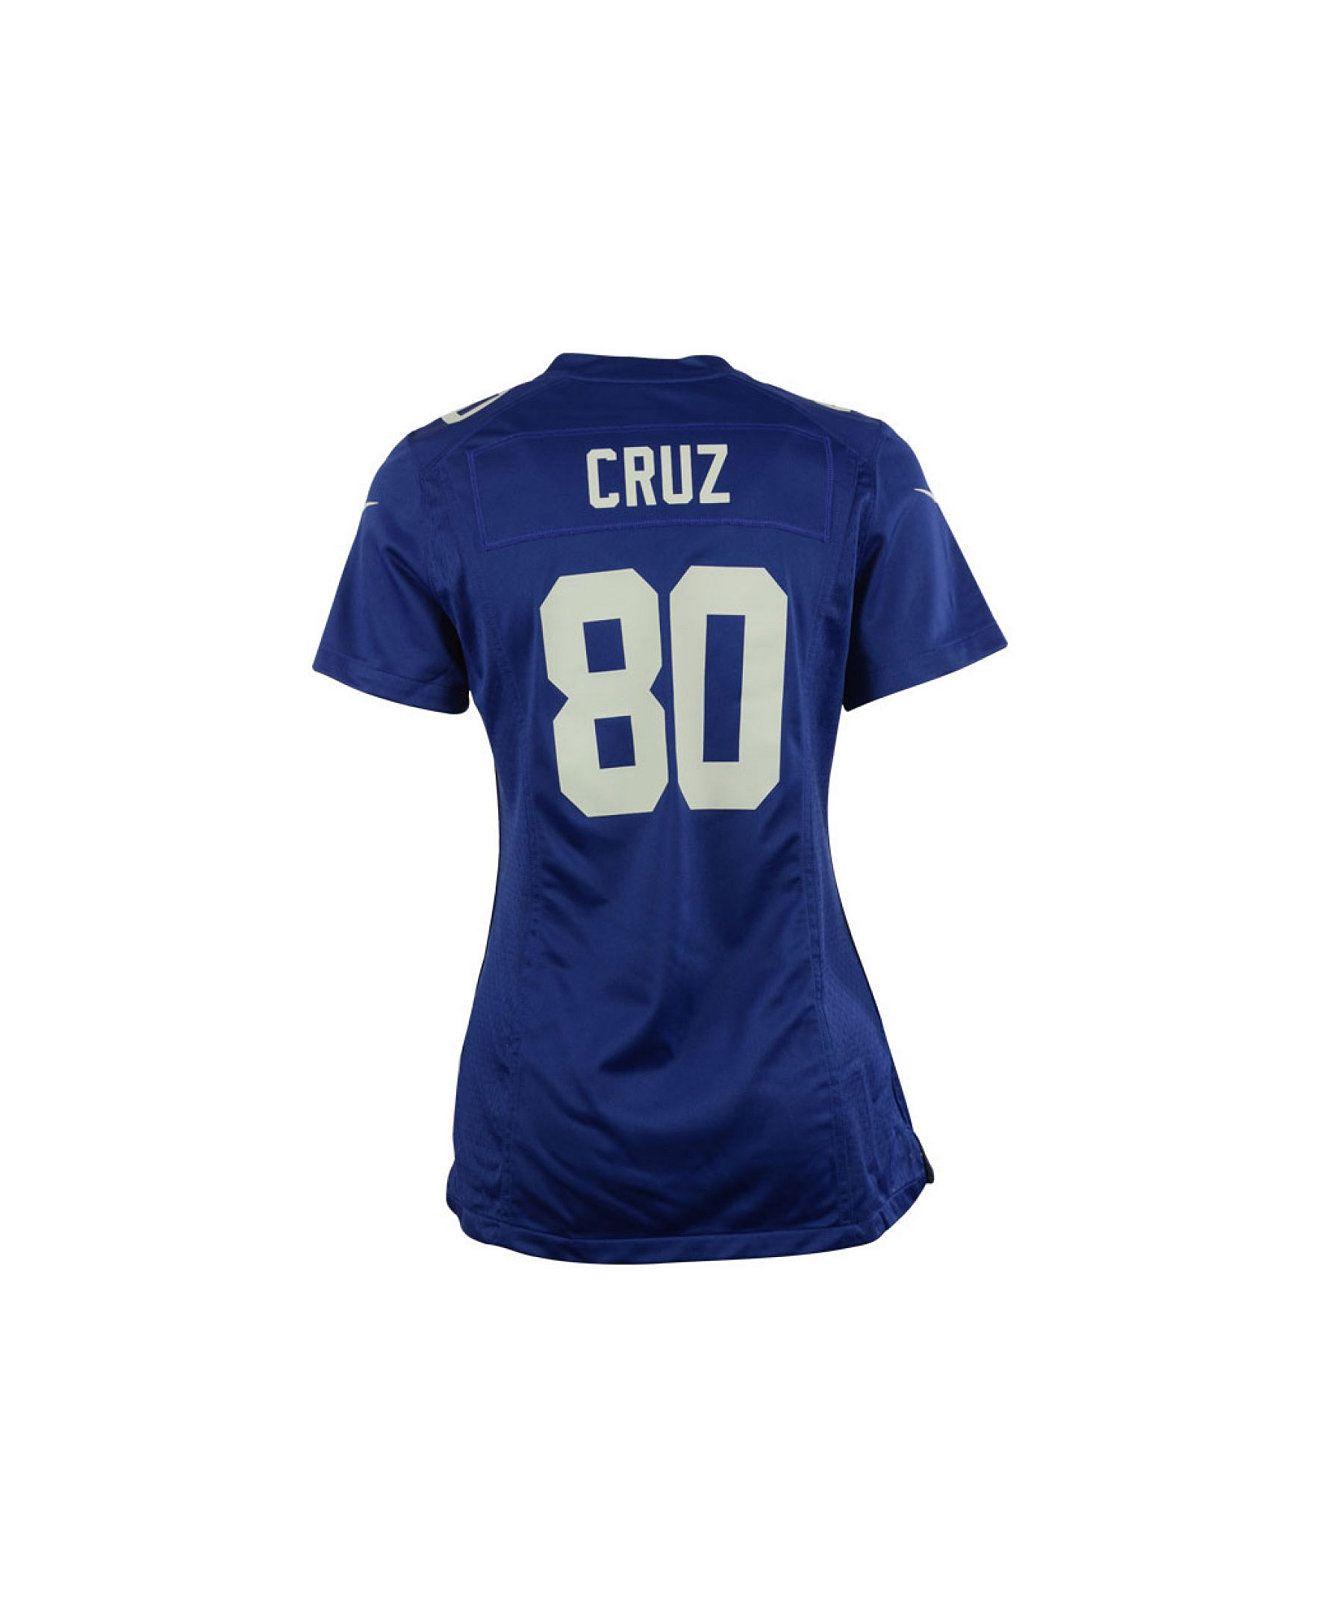 Nike Women s Victor Cruz New York Giants Game Jersey - Sports Fan Shop By  Lids - Men - Macy s 492dc25e1